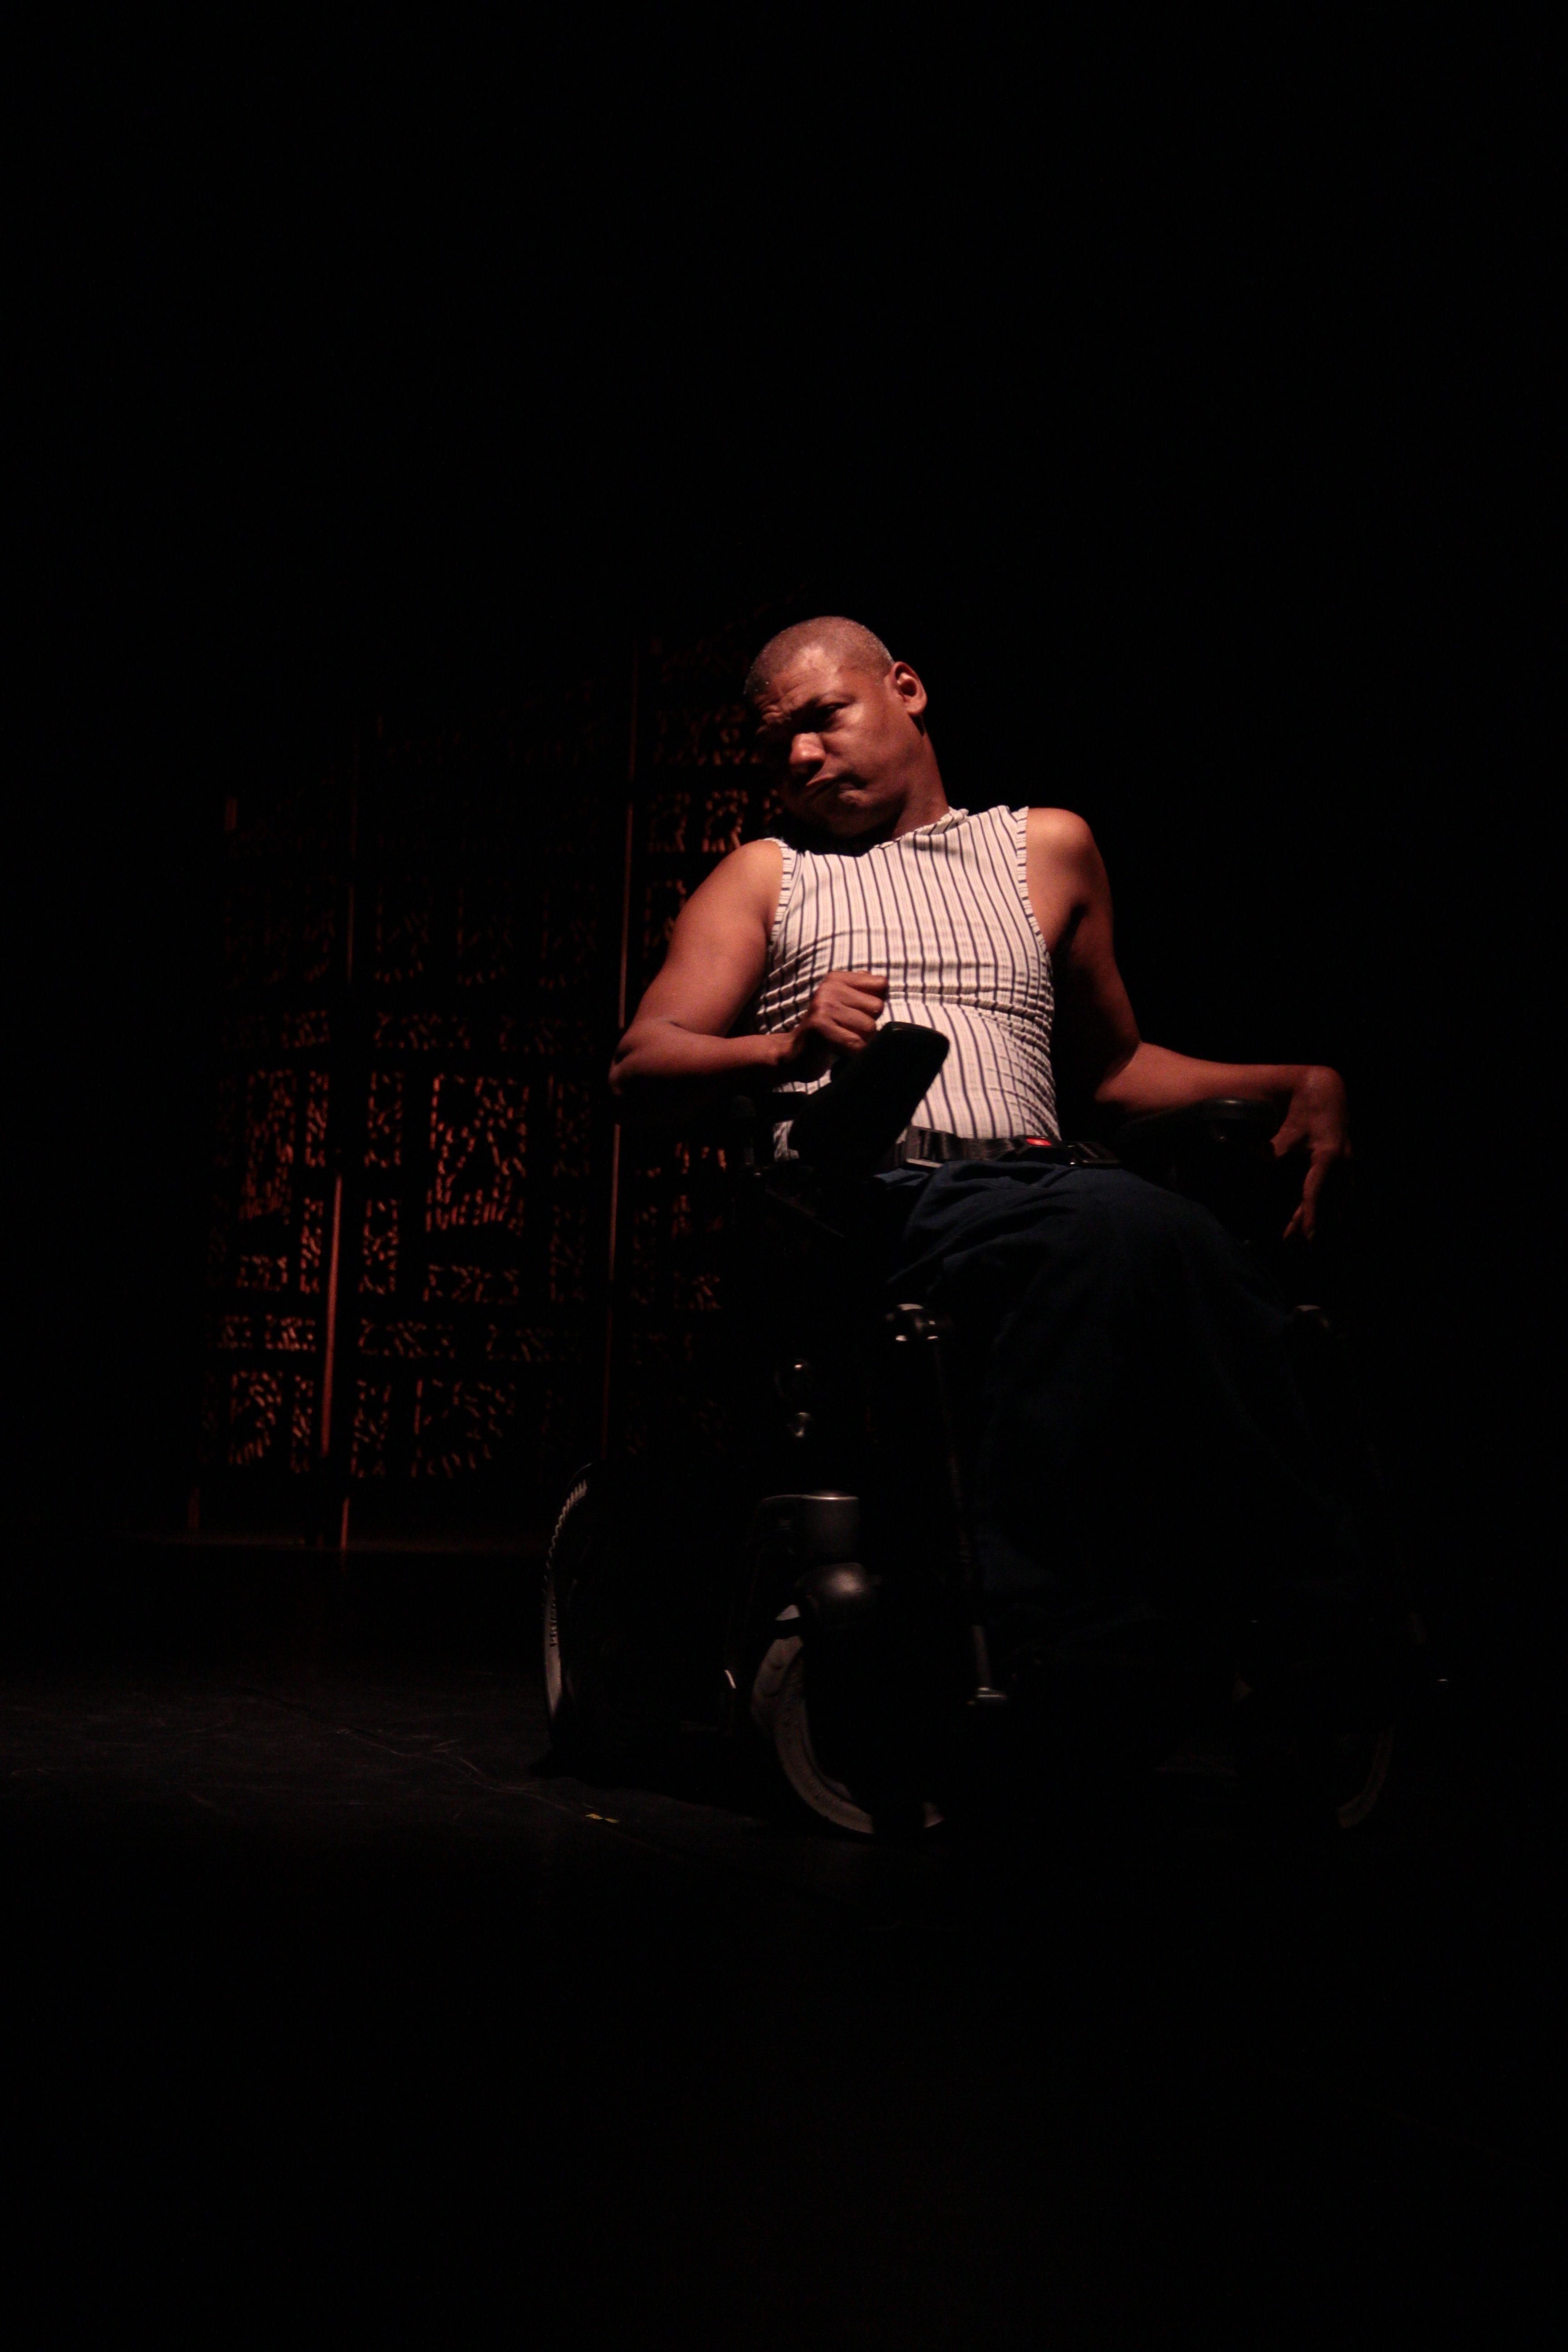 danseur contemporain en fauteuil klaus compagnie